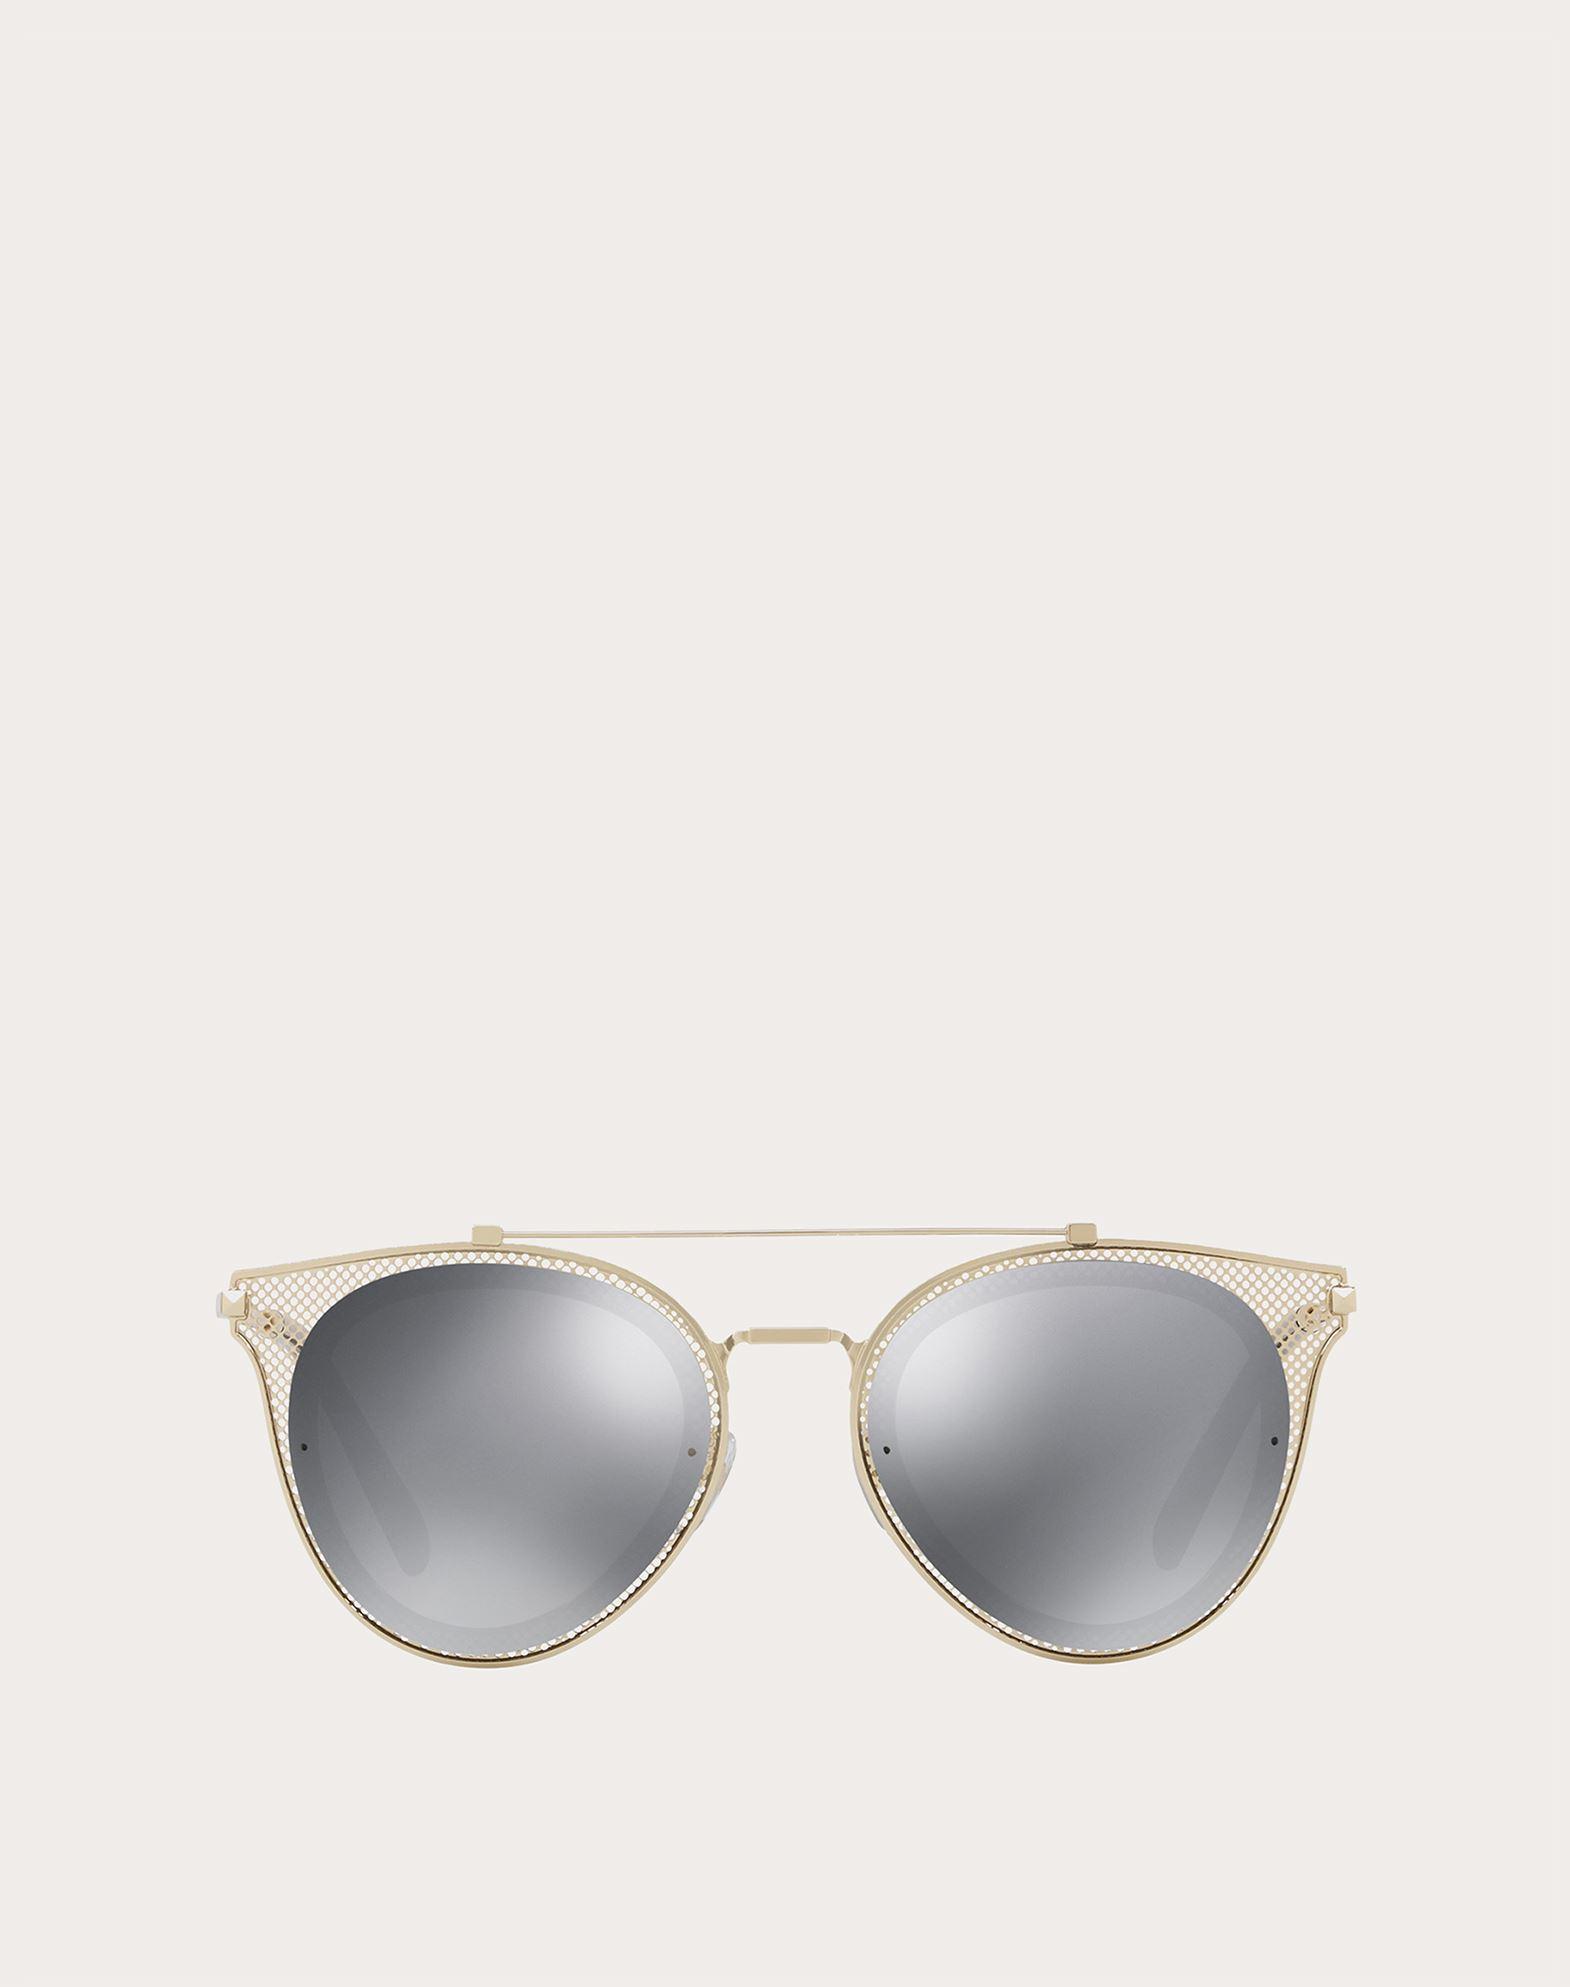 VALENTINO OCCHIALI Metal Sunglasses Sunglasses E f